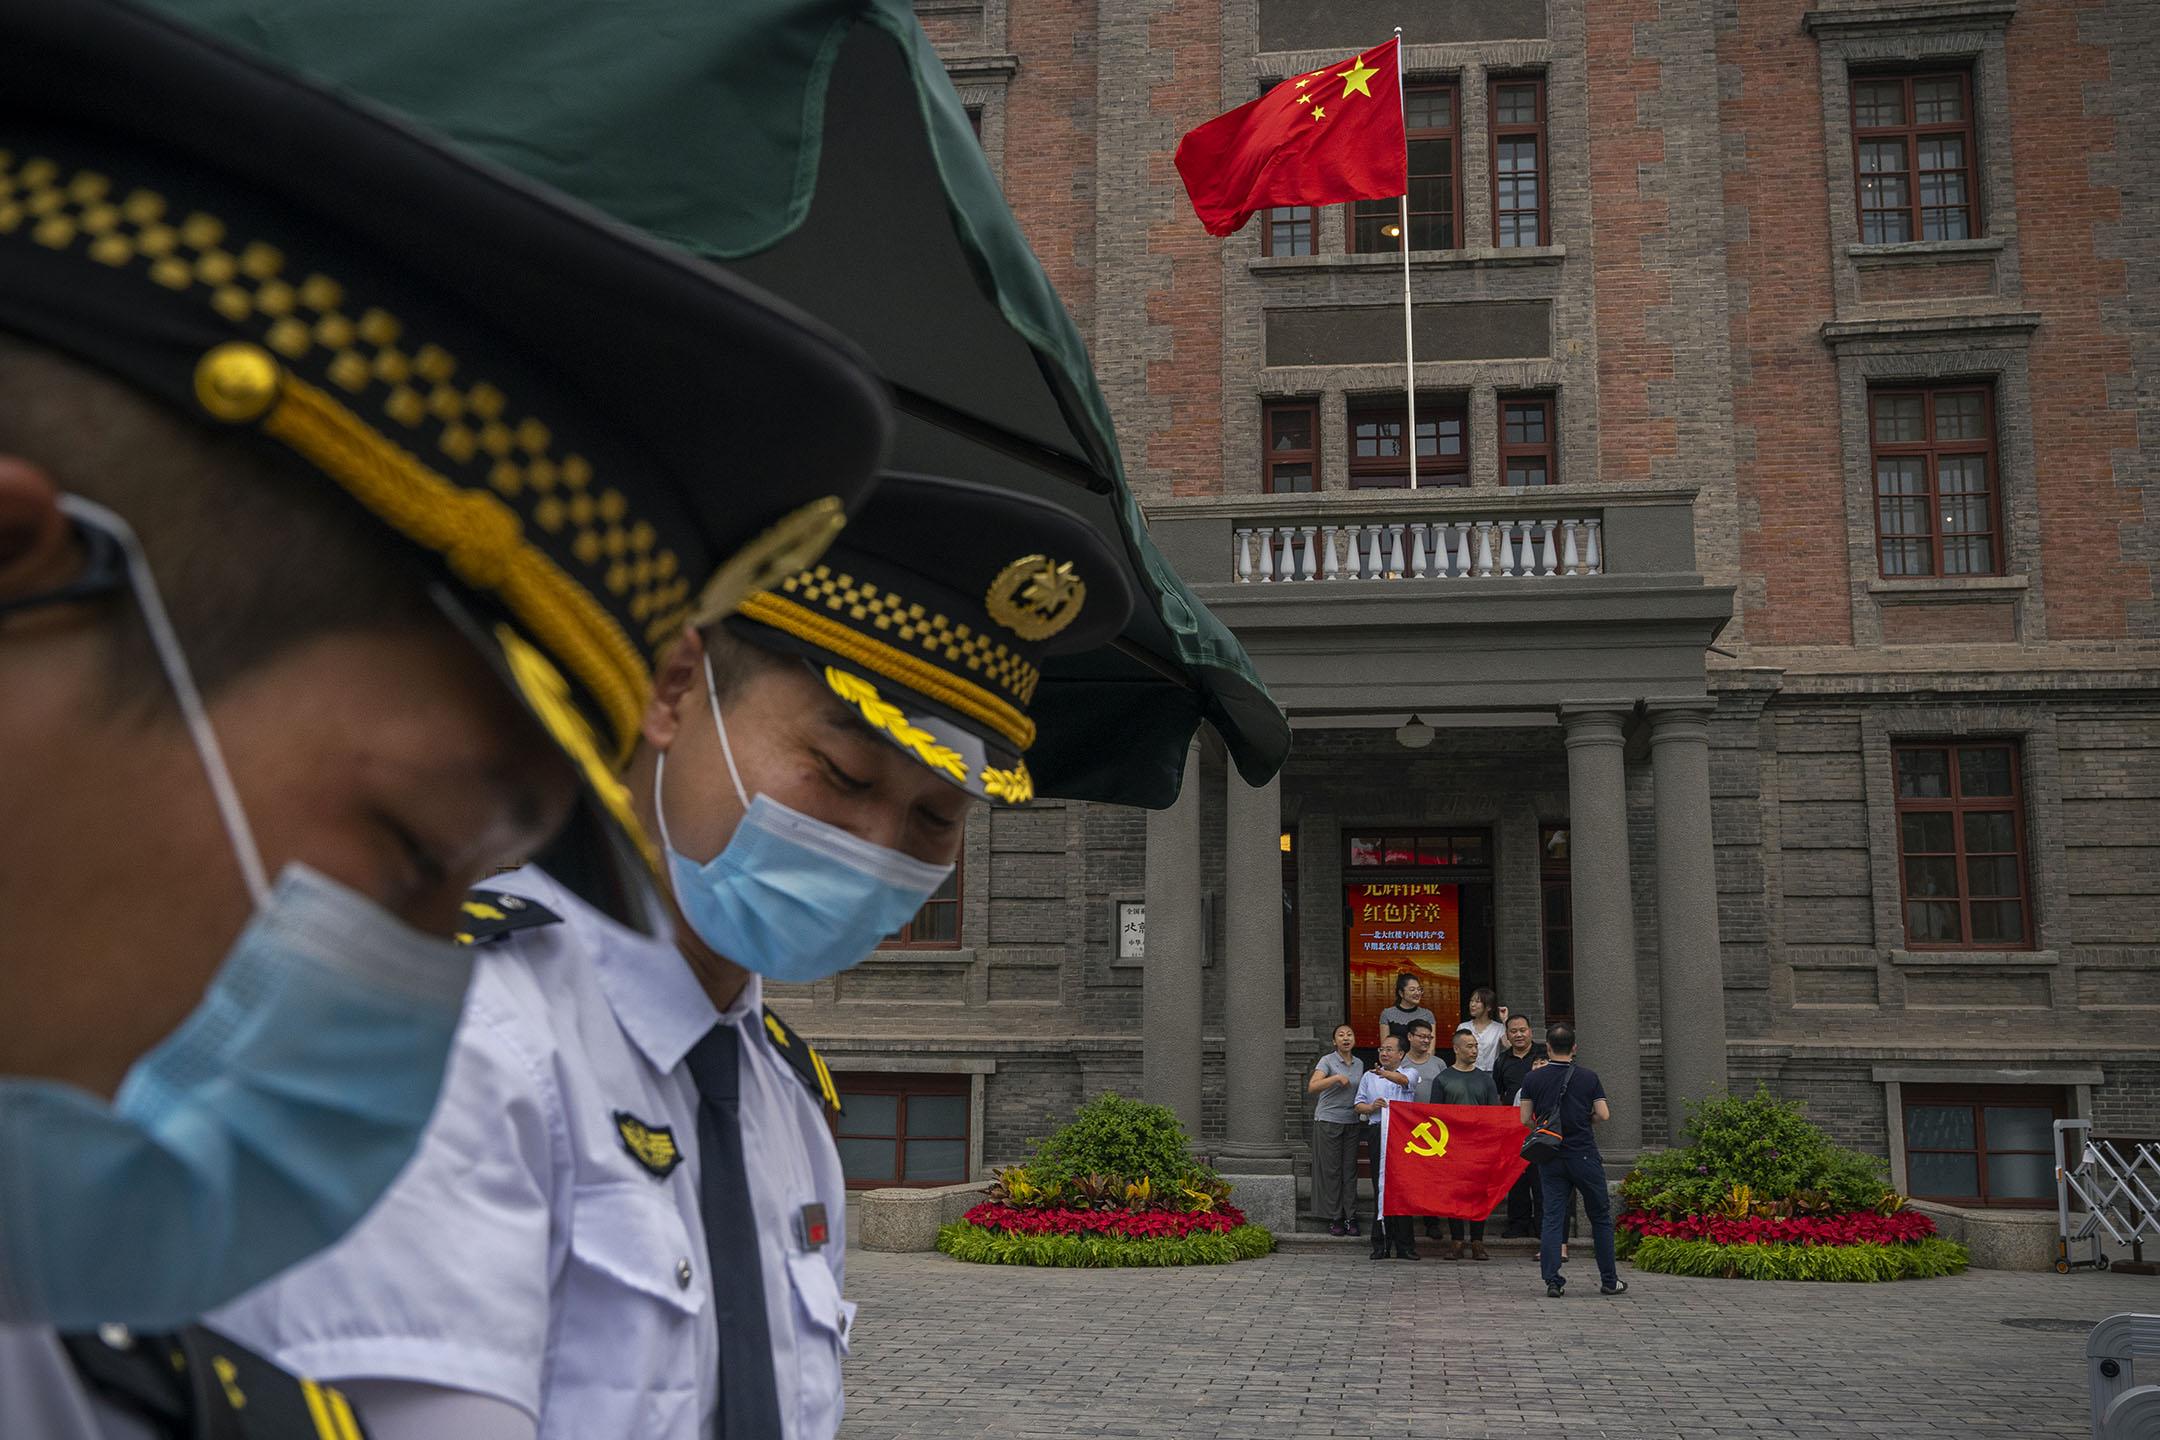 2021年6月30日,為慶祝共產黨成立100週年,人們拿著共產黨旗幟站在北京大學紅樓的門口拍照。